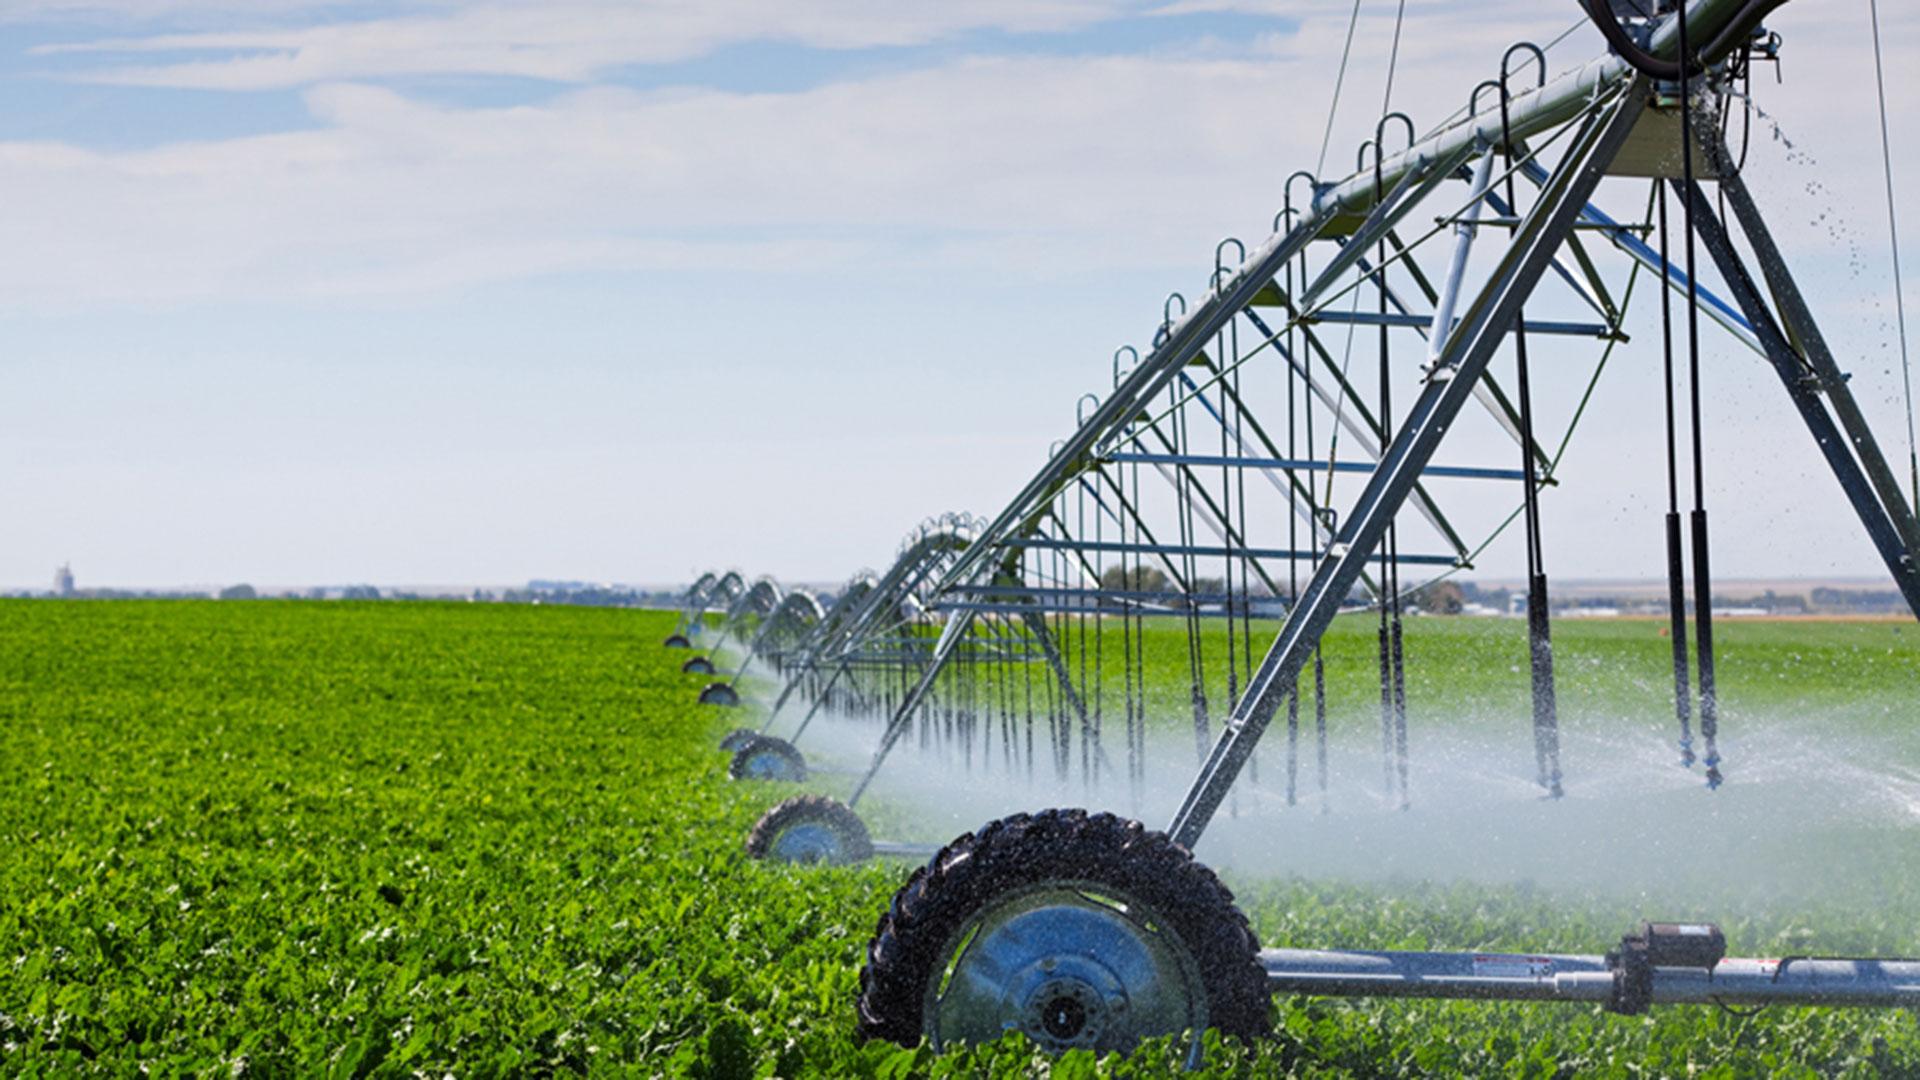 La cuestión agrícola no siempre estuvo en la agenda internacional, sino que a partir de la crisis de los precios internacionales 2008/11, colocaron el tema